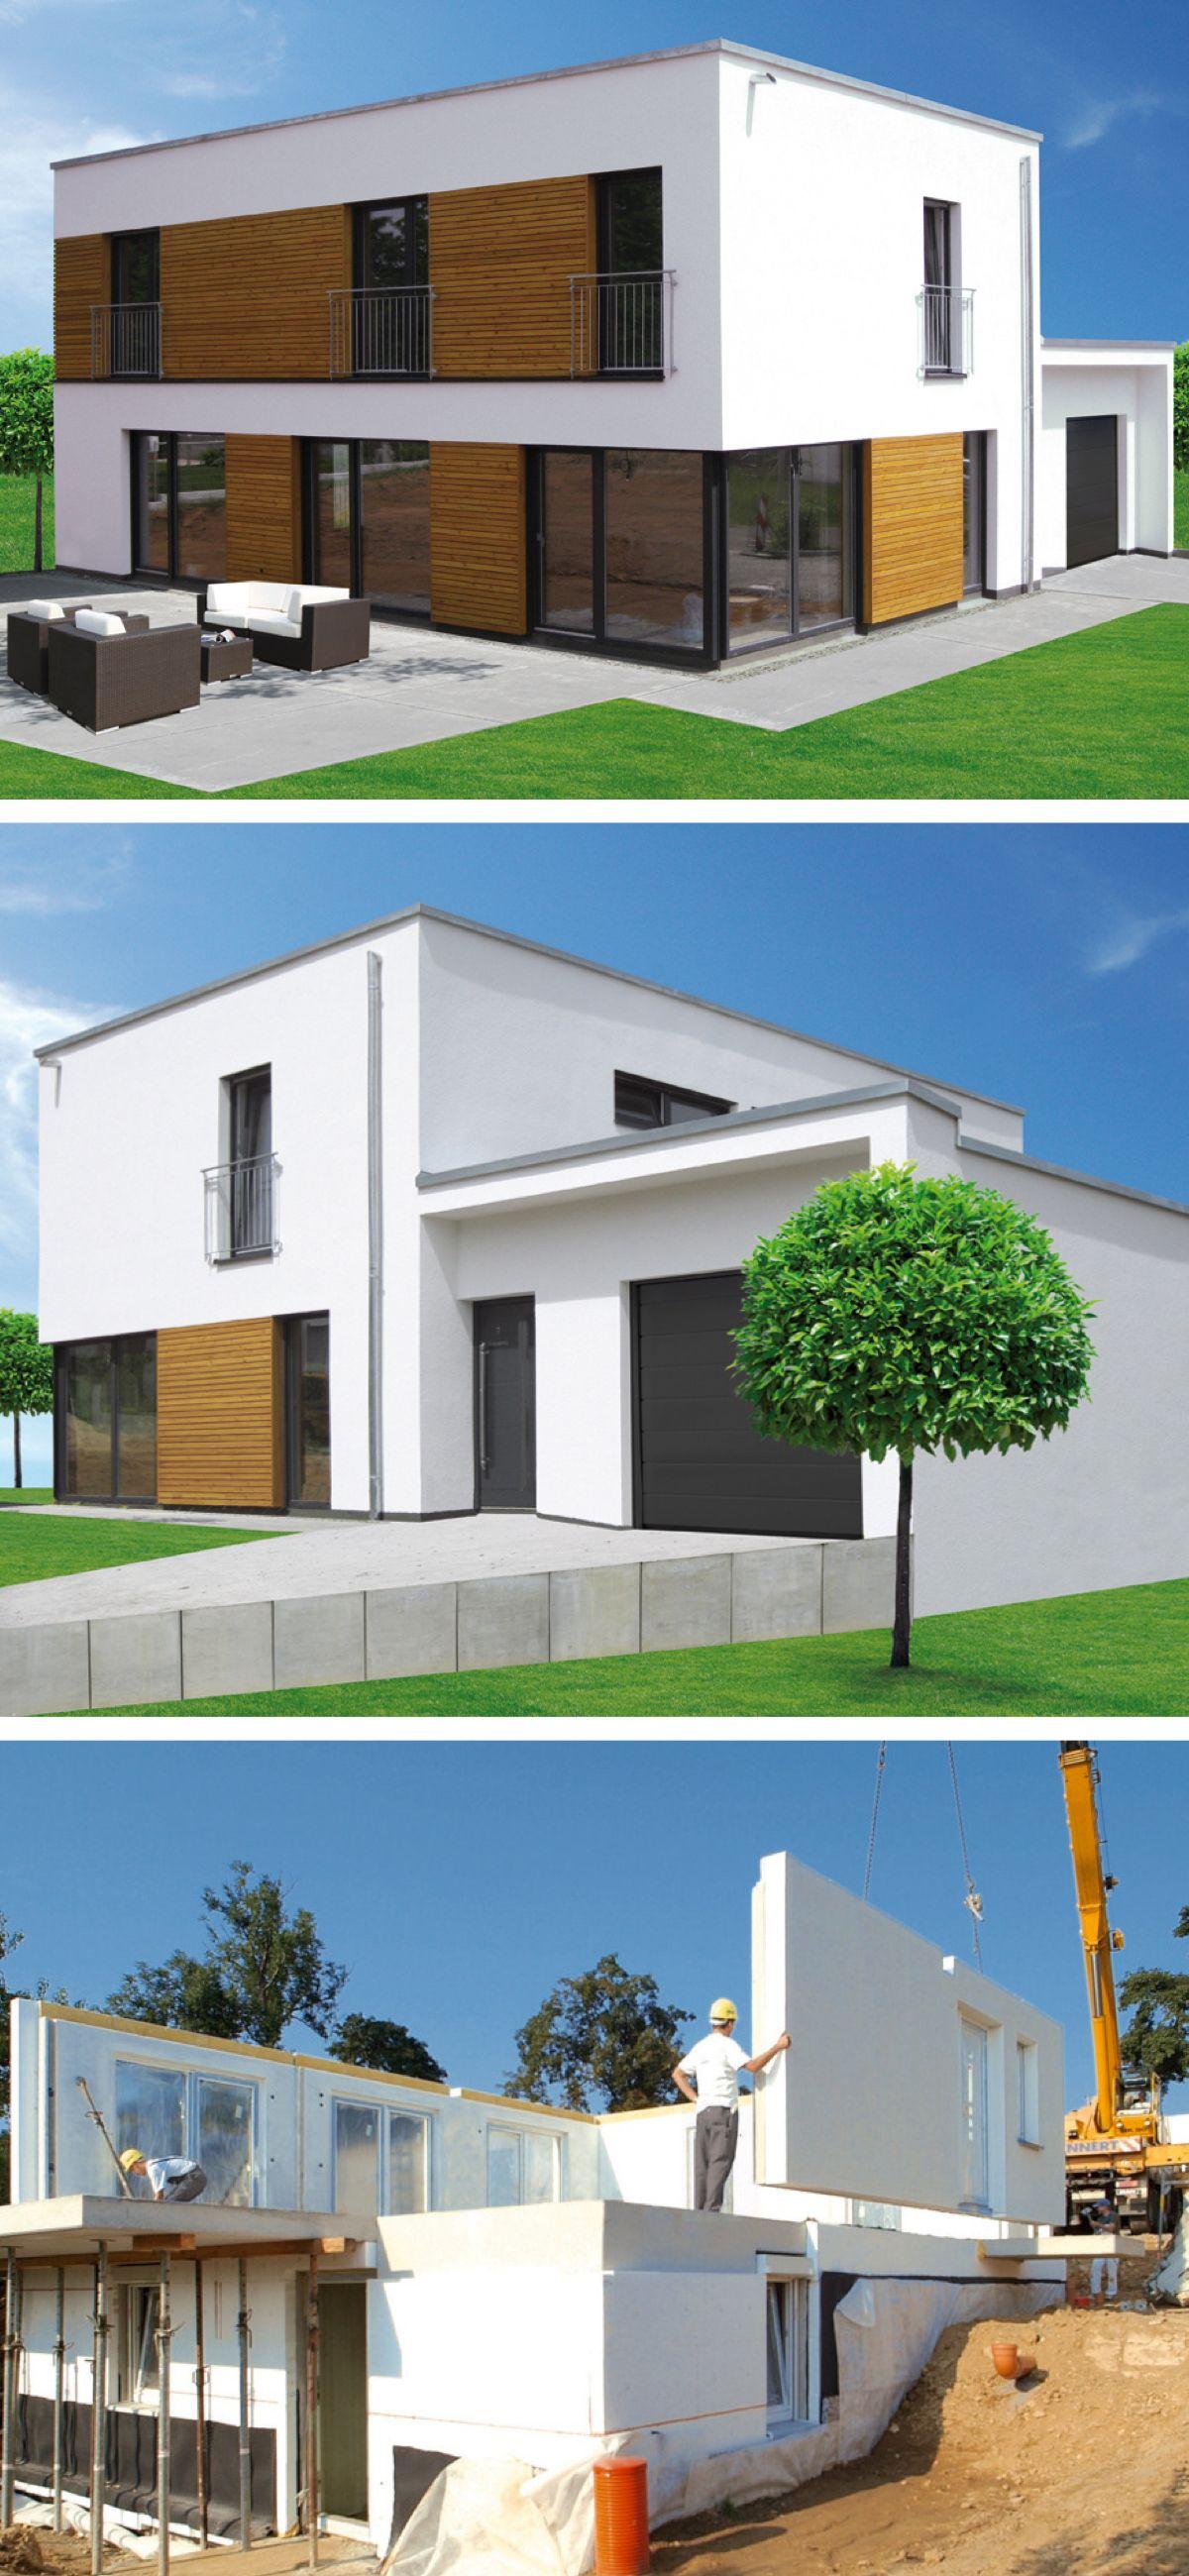 Stadtvilla modern im Bauhausstil mit Flachdach Architektur & Garage ...